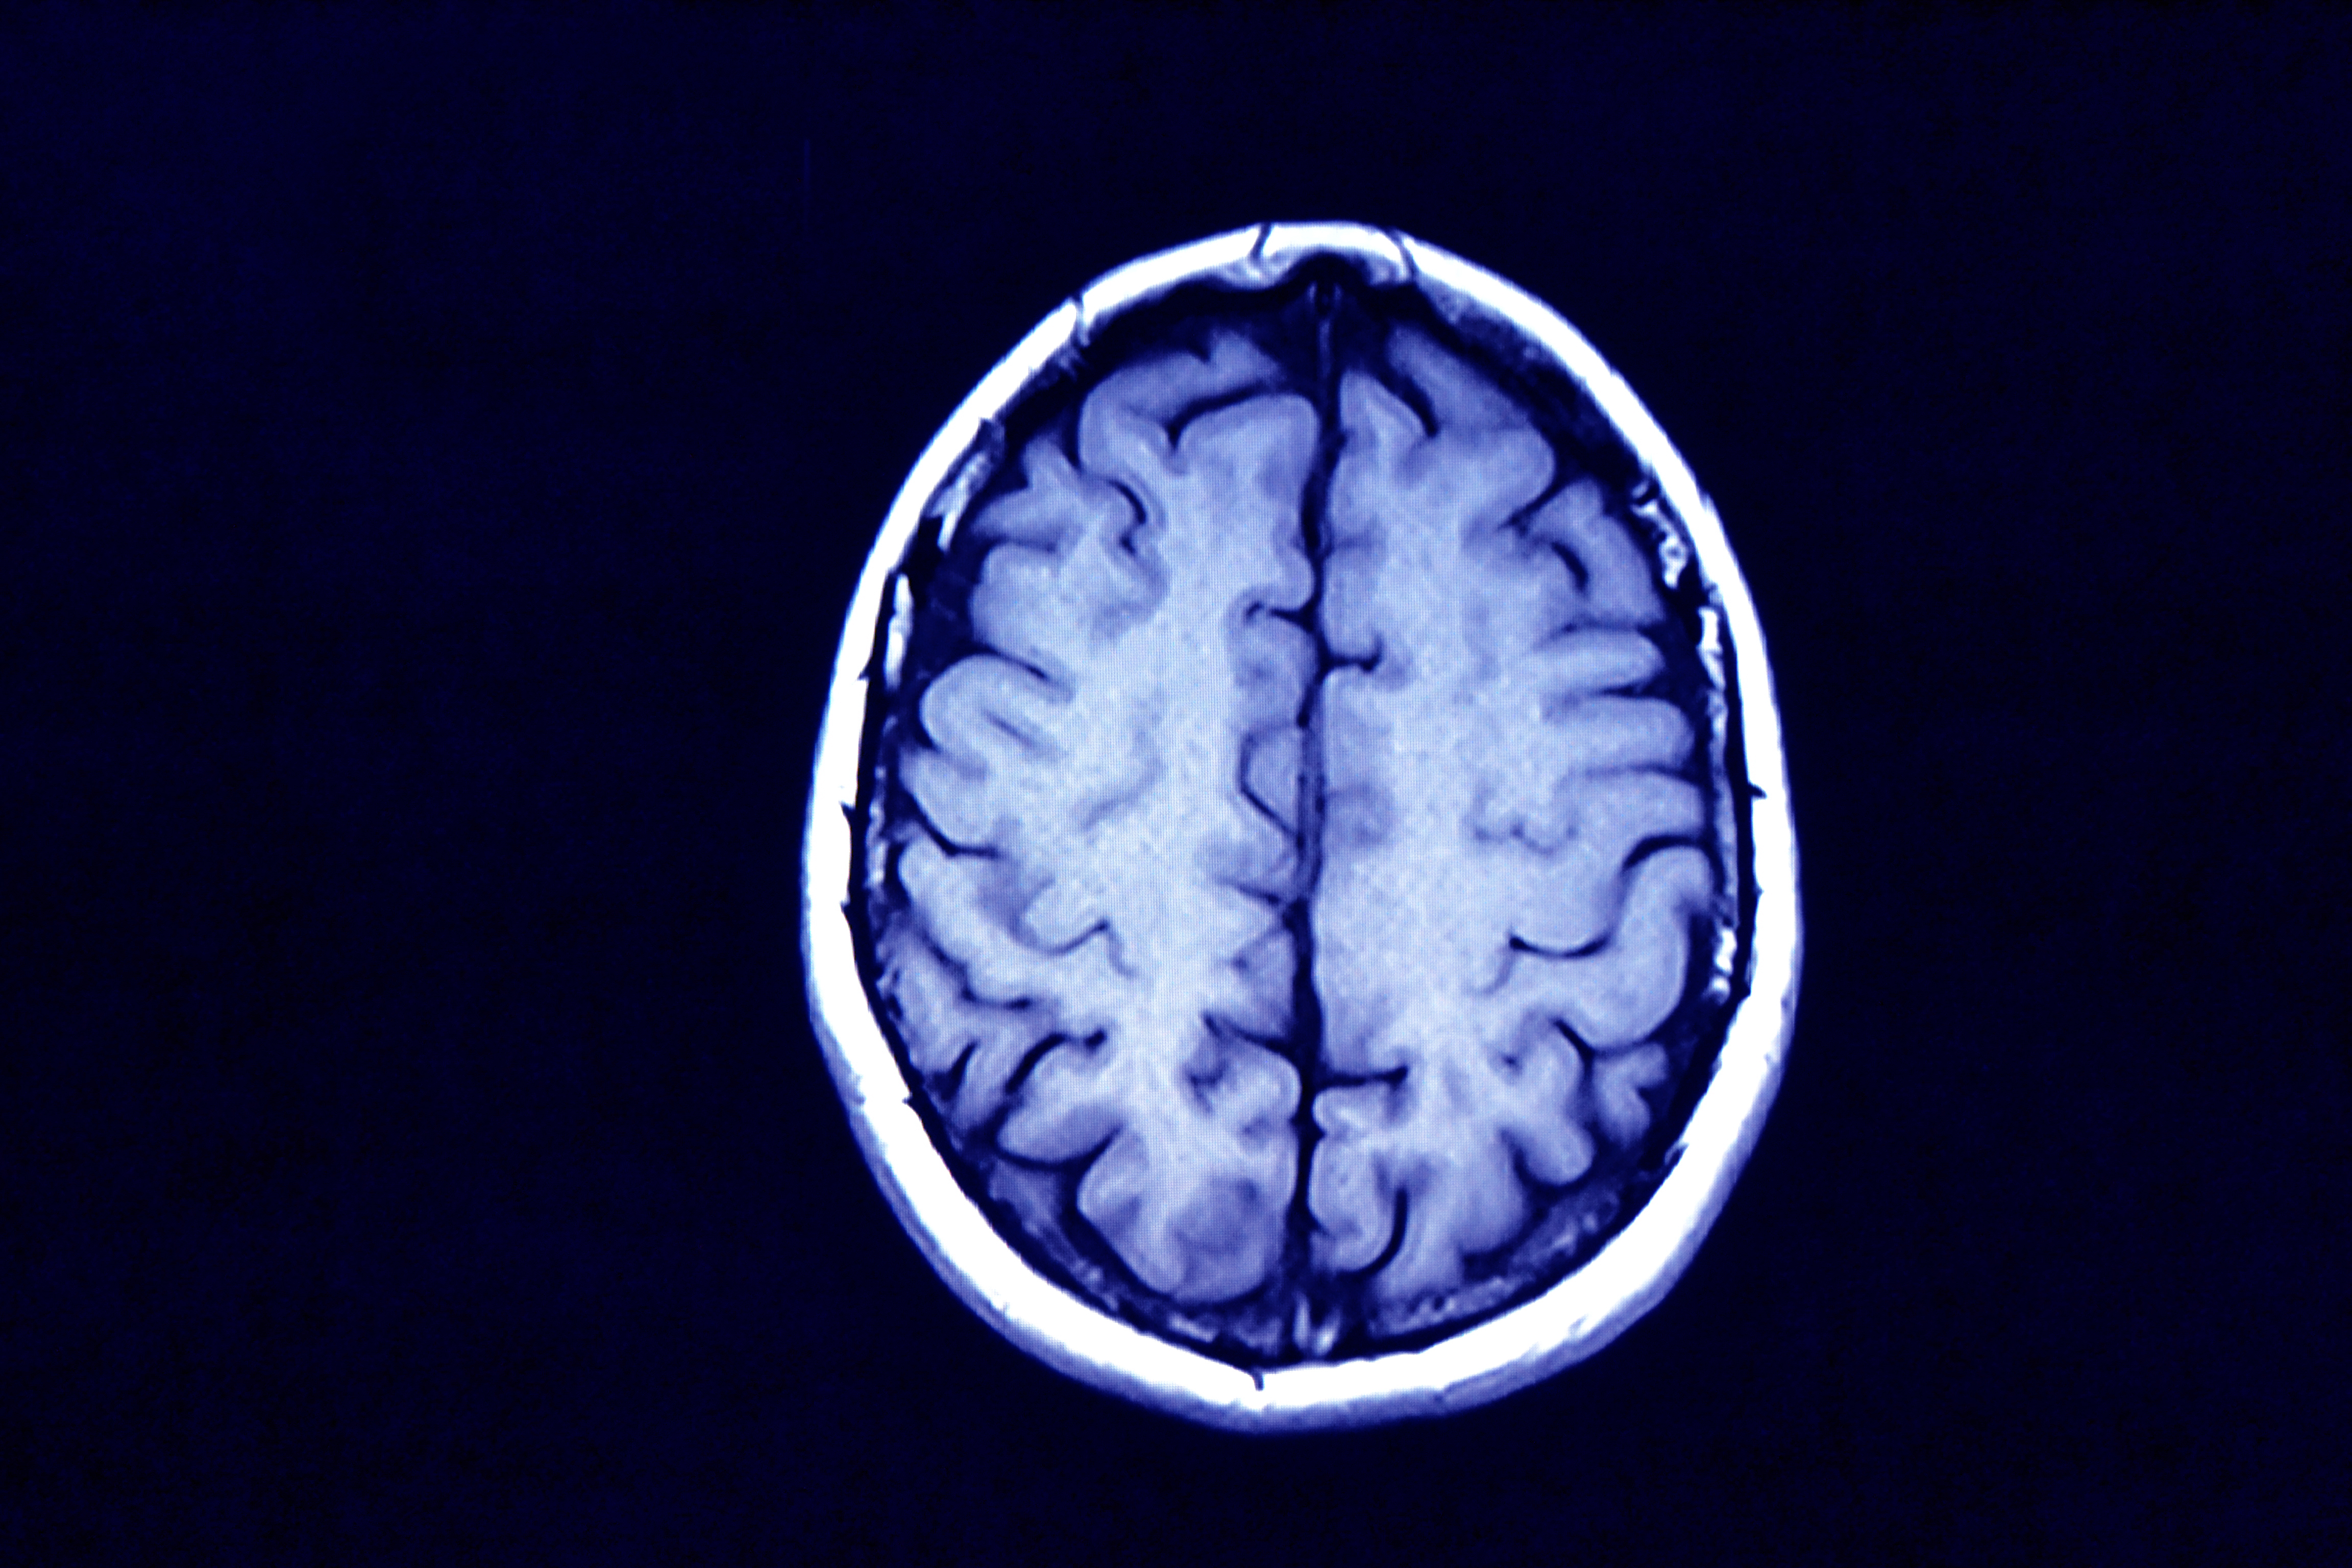 Лечение рассеянного склероза: симптомы, диагностика, лечение и профилактика заболевания